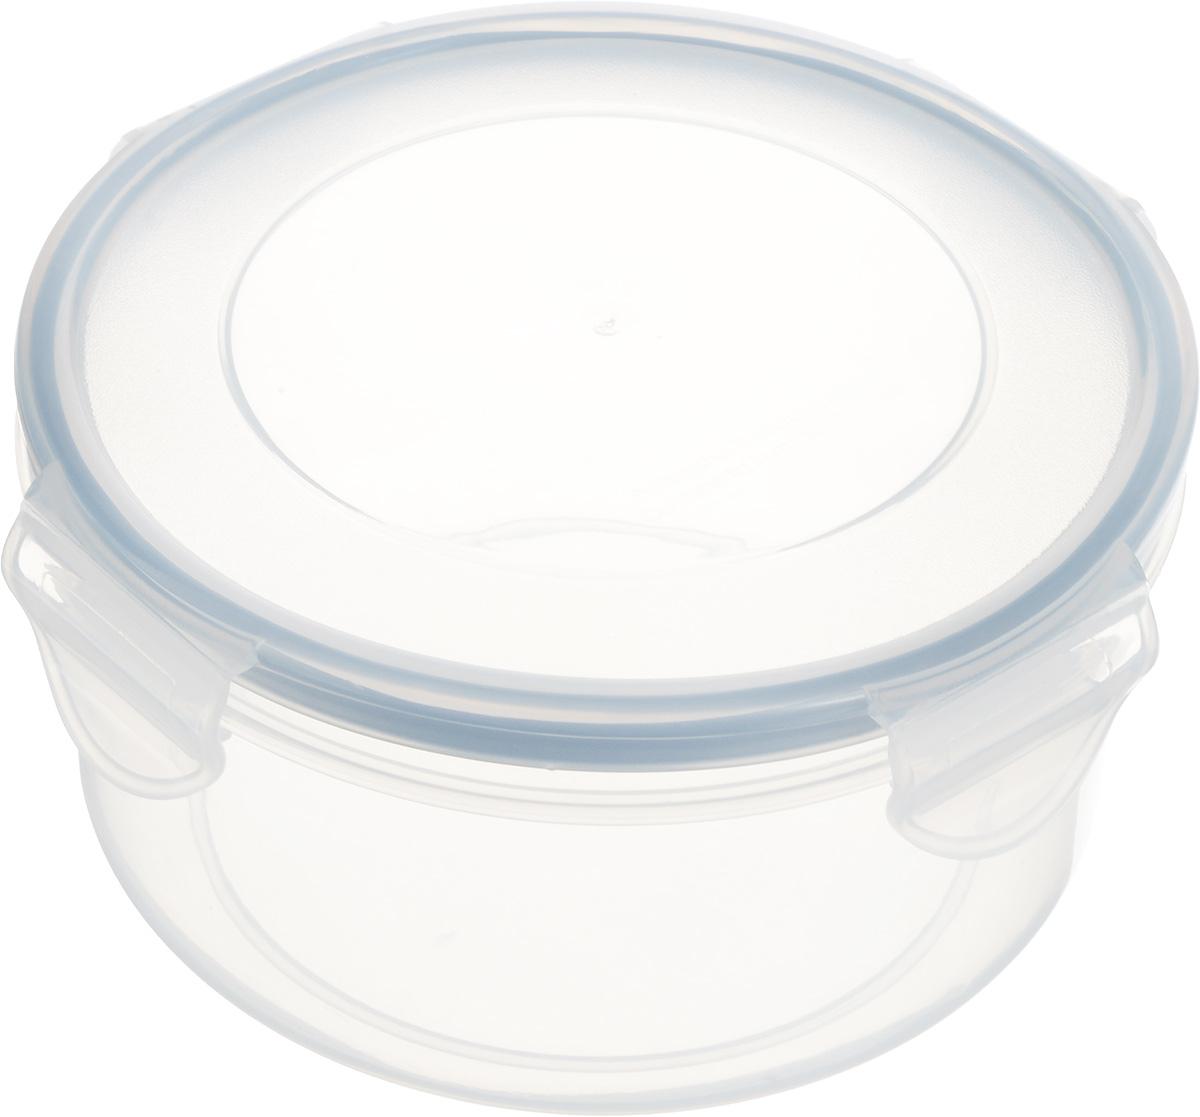 Контейнер Tescoma Freshbox, круглый, 0,8 л892112Круглый контейнер Tescoma Freshbox изготовлен из высококачественного пластика. Изделие идеально подходит не только для хранения, но и для транспортировки пищи. Контейнер имеет крышку, которая плотно закрывается на 4 защелки и оснащена специальной силиконовой прослойкой, предотвращающей проникновение влаги и запахов. Изделие подходит для домашнего использования, для пикников, поездок, отдыха на природе, его можно взять с собой на работу или учебу. Можно использовать в СВЧ-печах, холодильниках и морозильных камерах. Можно мыть в посудомоечной машине. Диаметр контейнера (без учета крышки): 14 см. Высота контейнера (без учета крышки): 7 см.